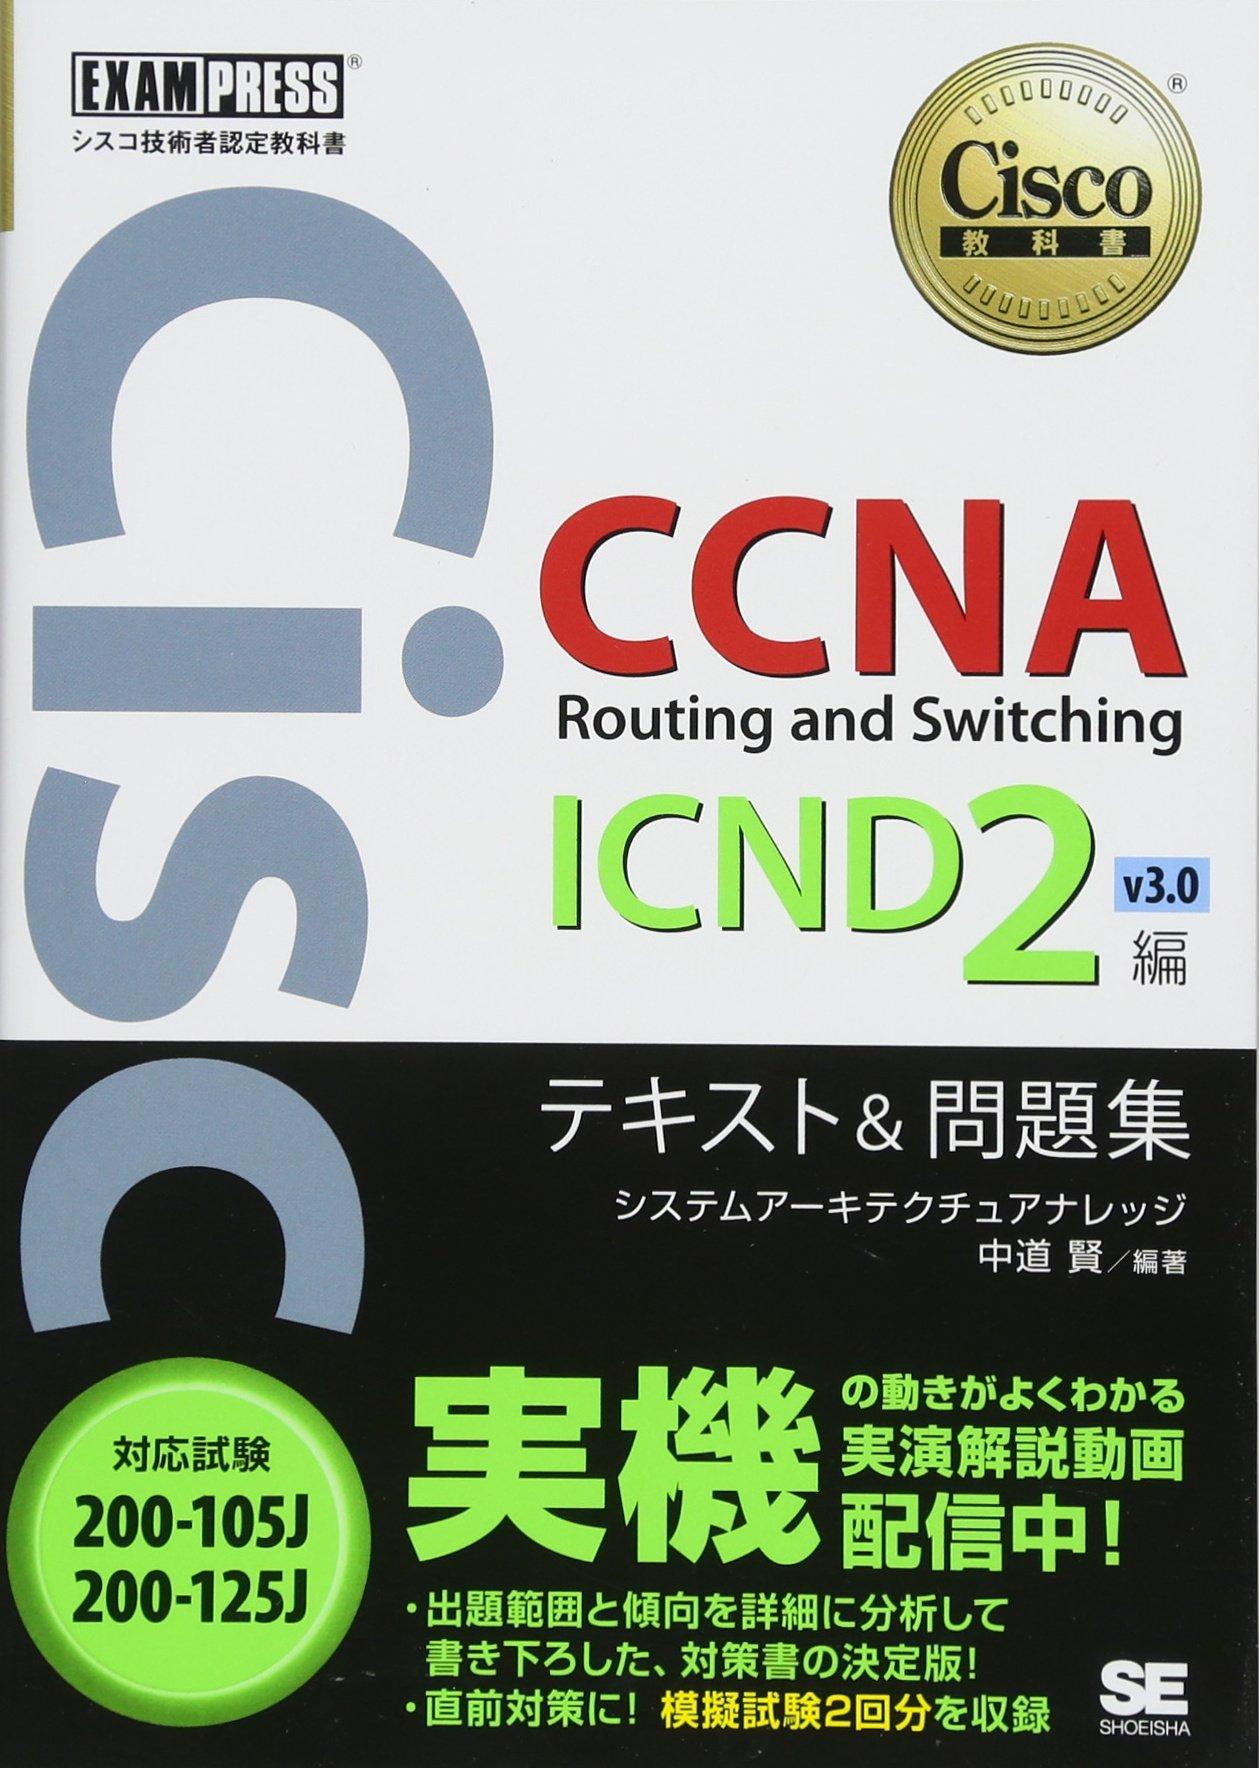 シスコ技術者認定教科書 CCNA Routing and Switching ICND2編 v3.0 テキスト&問題集